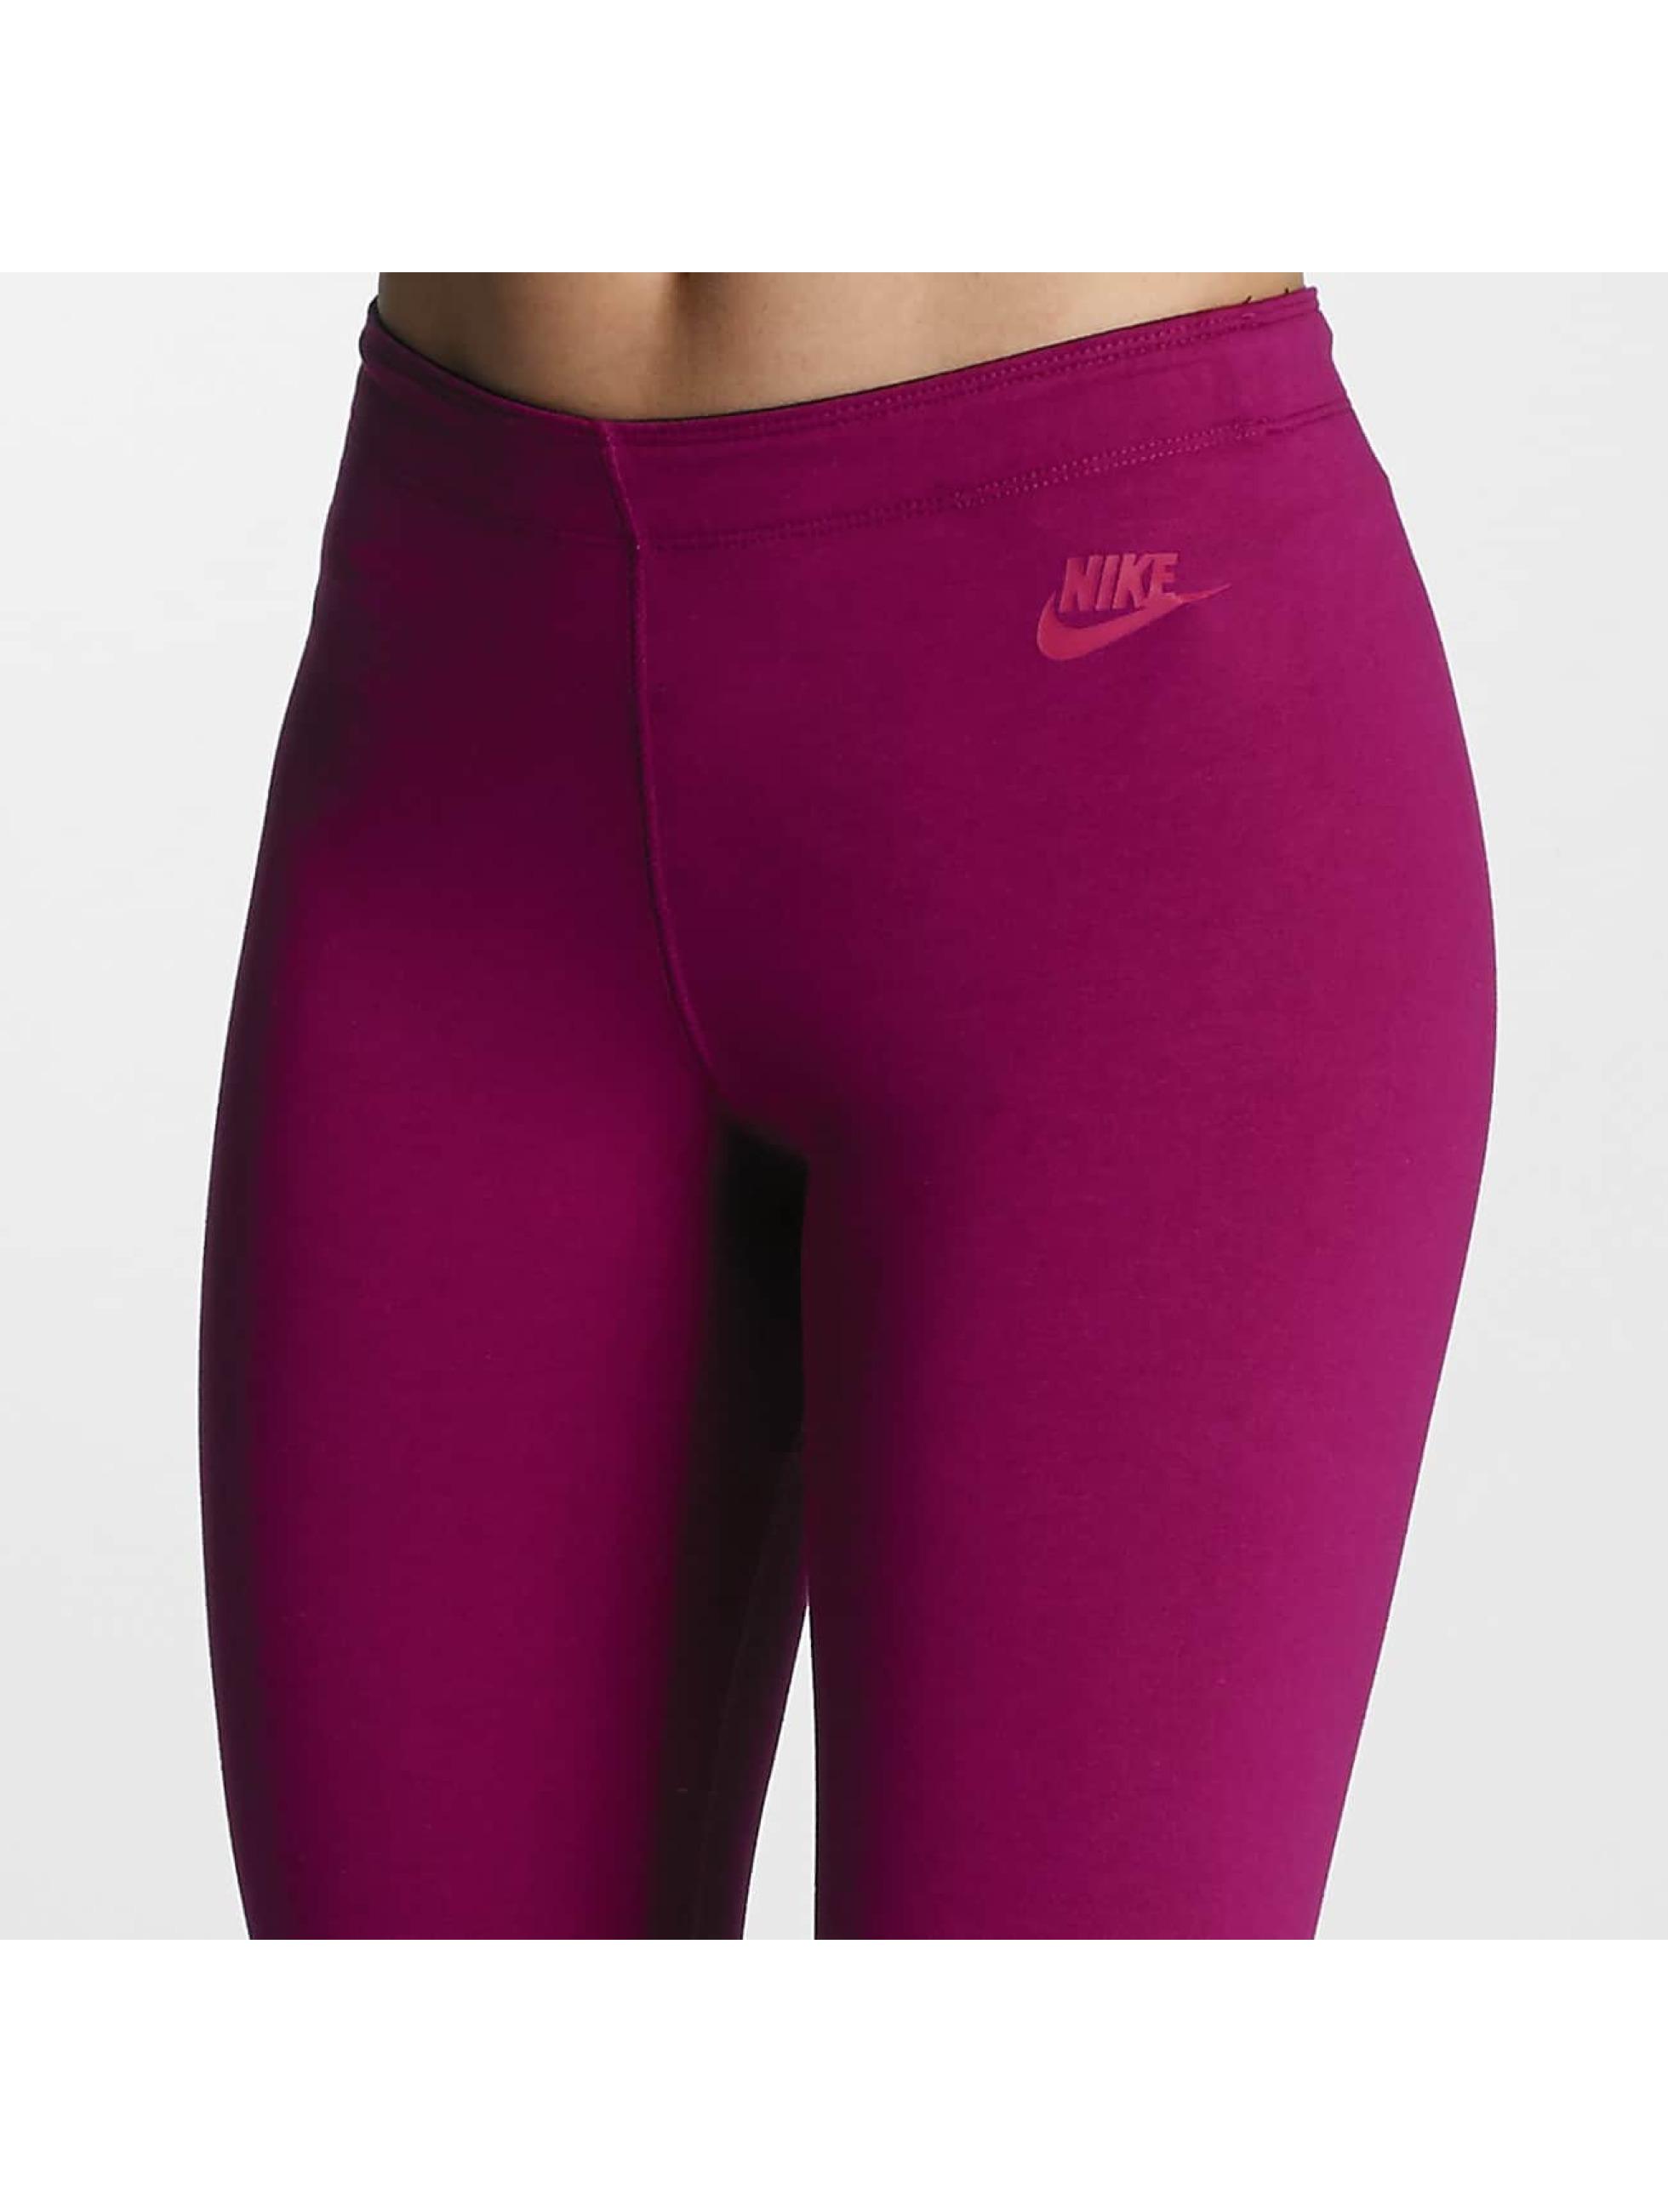 nike broek legging legasee just do it in pink 308568